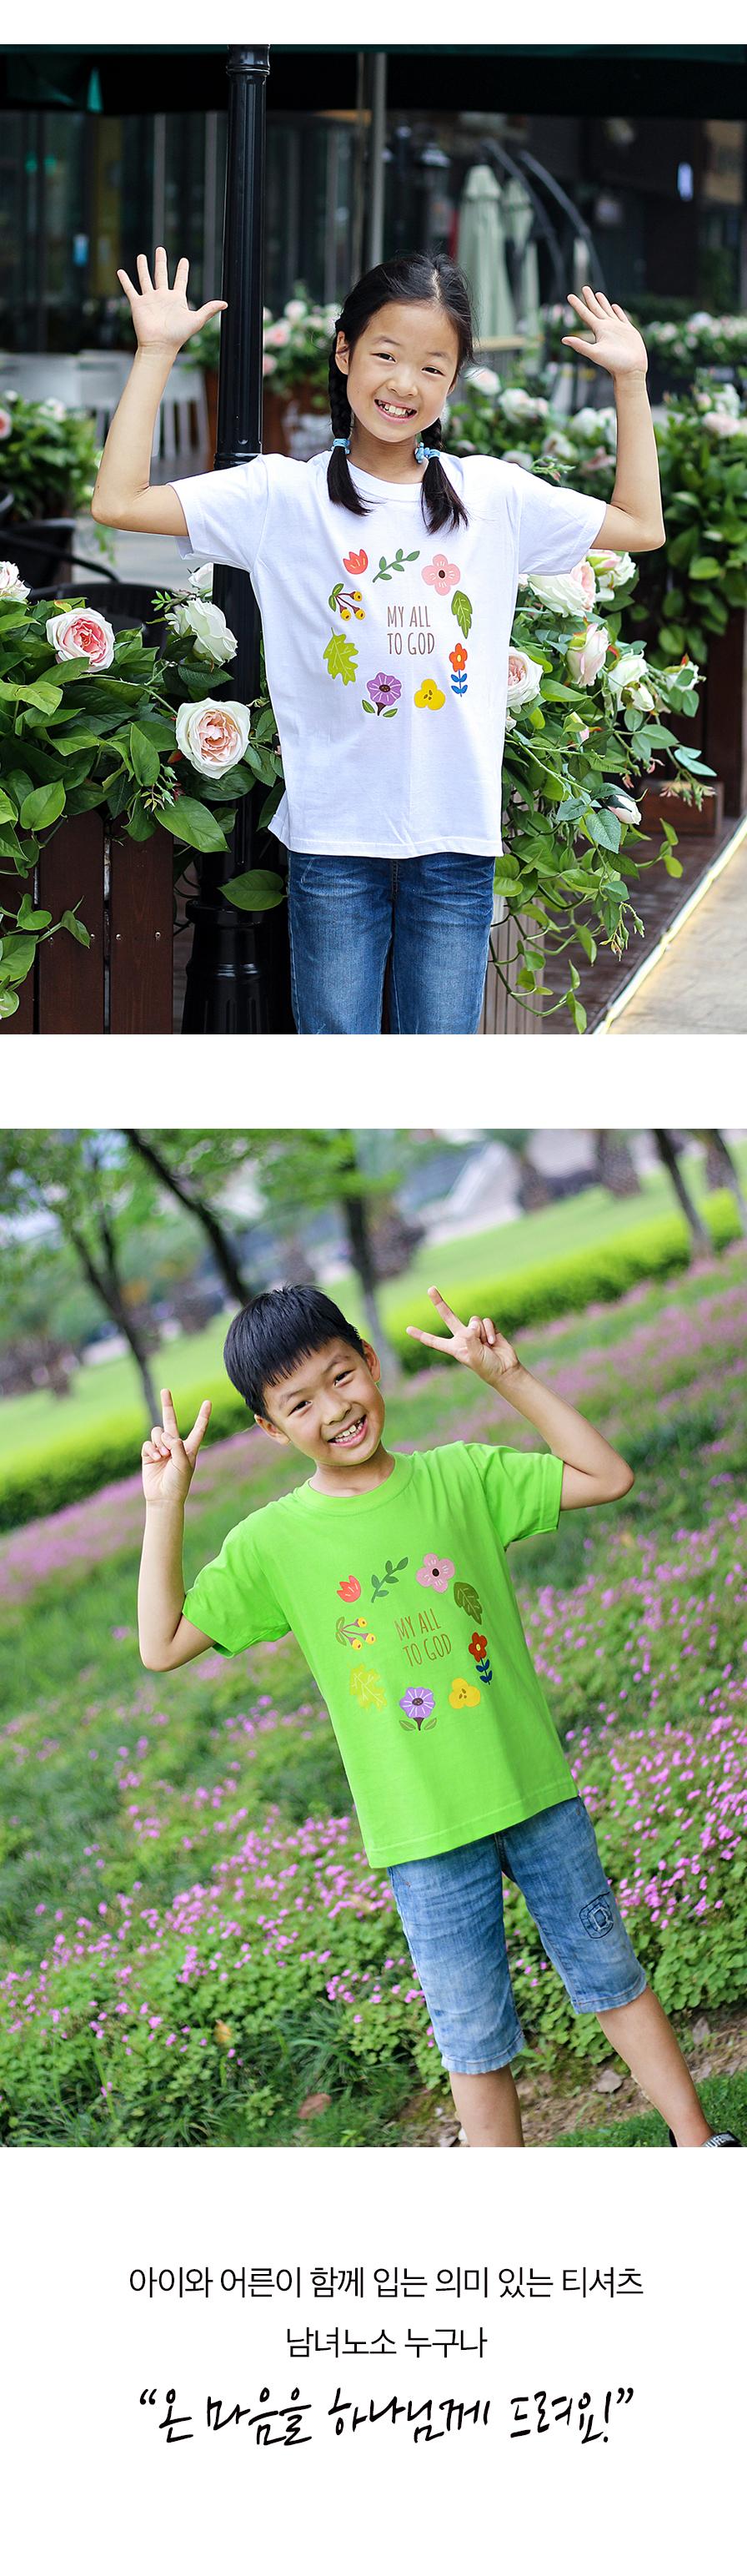 아이와 어른이 함께 입는 의미있는 티셔츠 온 마음을 하나님께 드려요